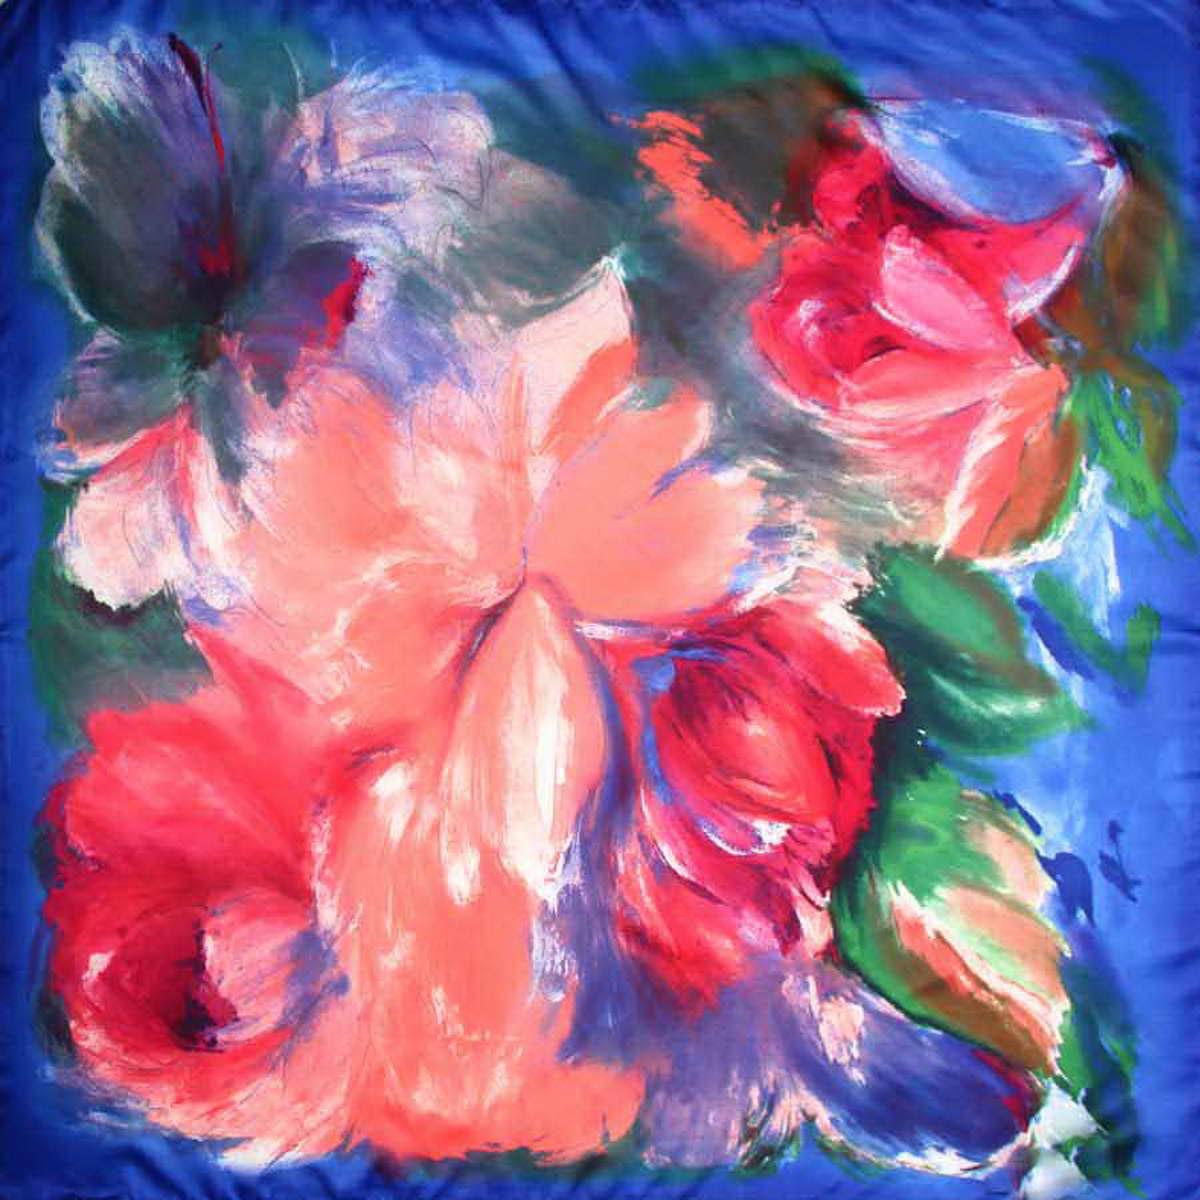 Платок женский Venera, цвет: синий, розовый, зеленый. 3906333-4. Размер 90 см х 90 см3906333-4Изысканный и невероятно красивый женский платок Venera изготовлен из полиэстера, станет любимым и незаменимым украшением. Это легкий и нежный платок имеет превосходный рисунок больших цветов, которые будто насыщенны душой и настроением художника. Классическая квадратная форма позволяет носить платок на шее, украшать им прическу или декорировать сумочку. С таким платком вы всегда будете неотразимой, нежной и романтичной натурой.Платок Venera превосходно дополнит любой наряд и подчеркнет ваш неповторимый вкус и элегантность.